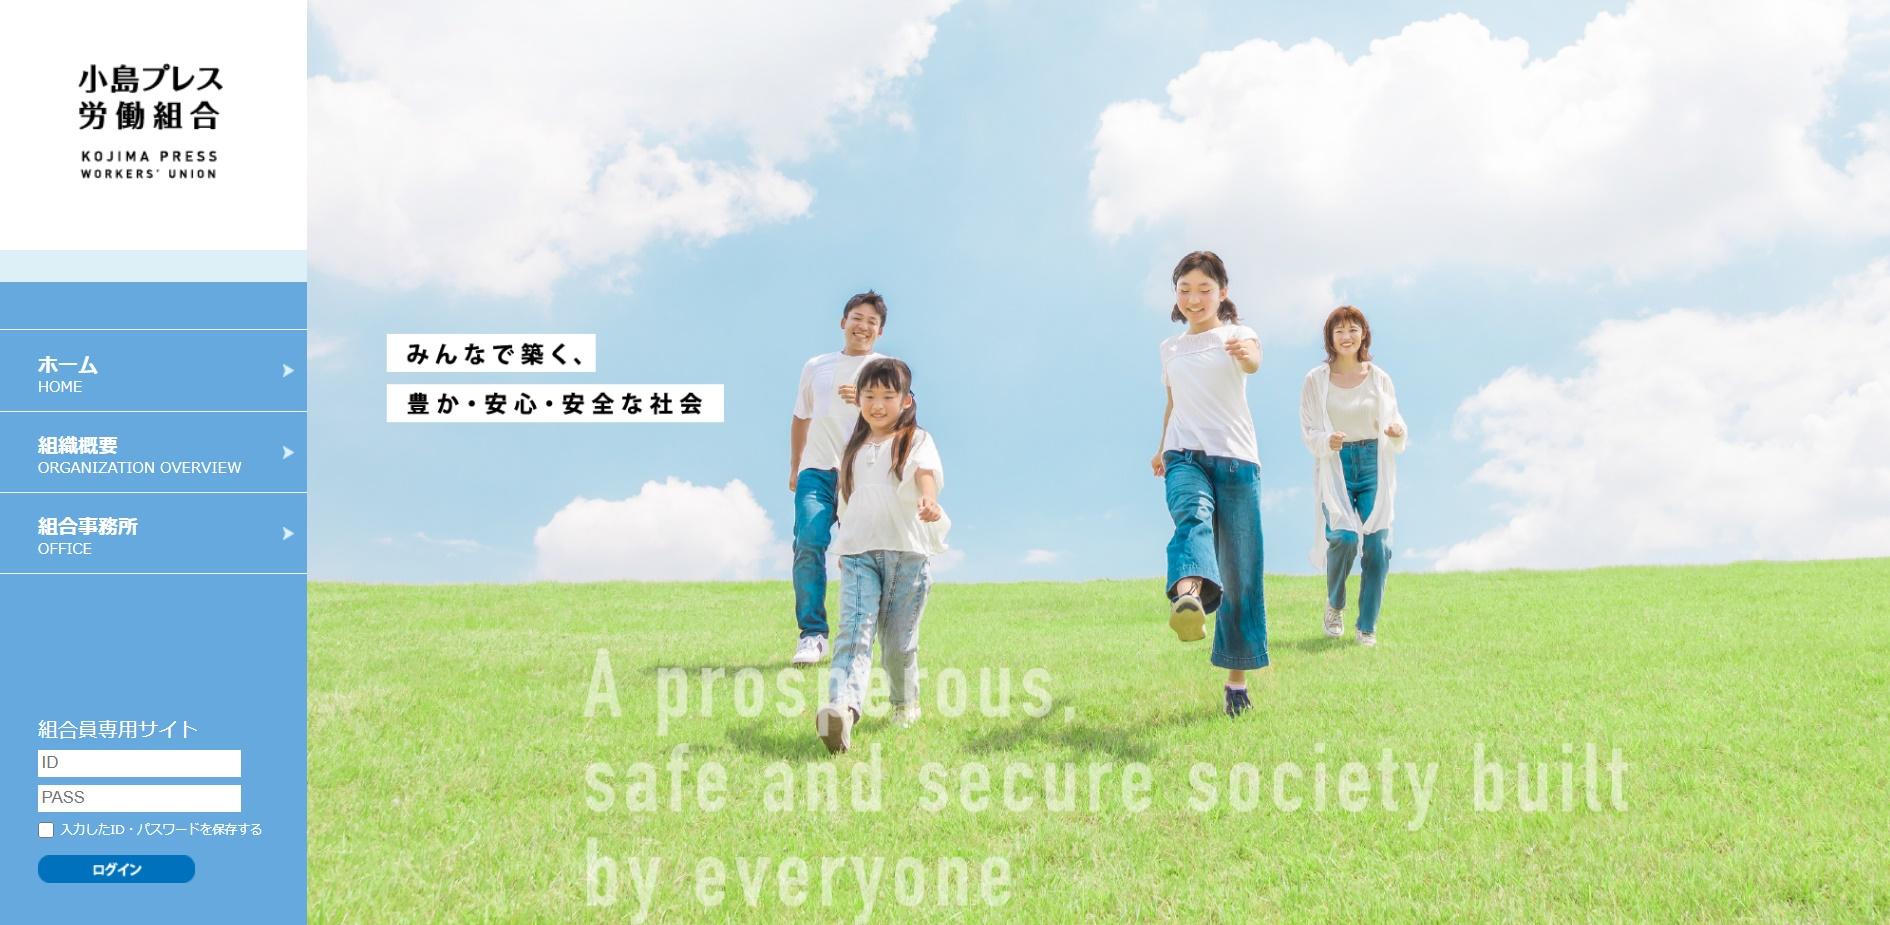 小島プレス労働組合